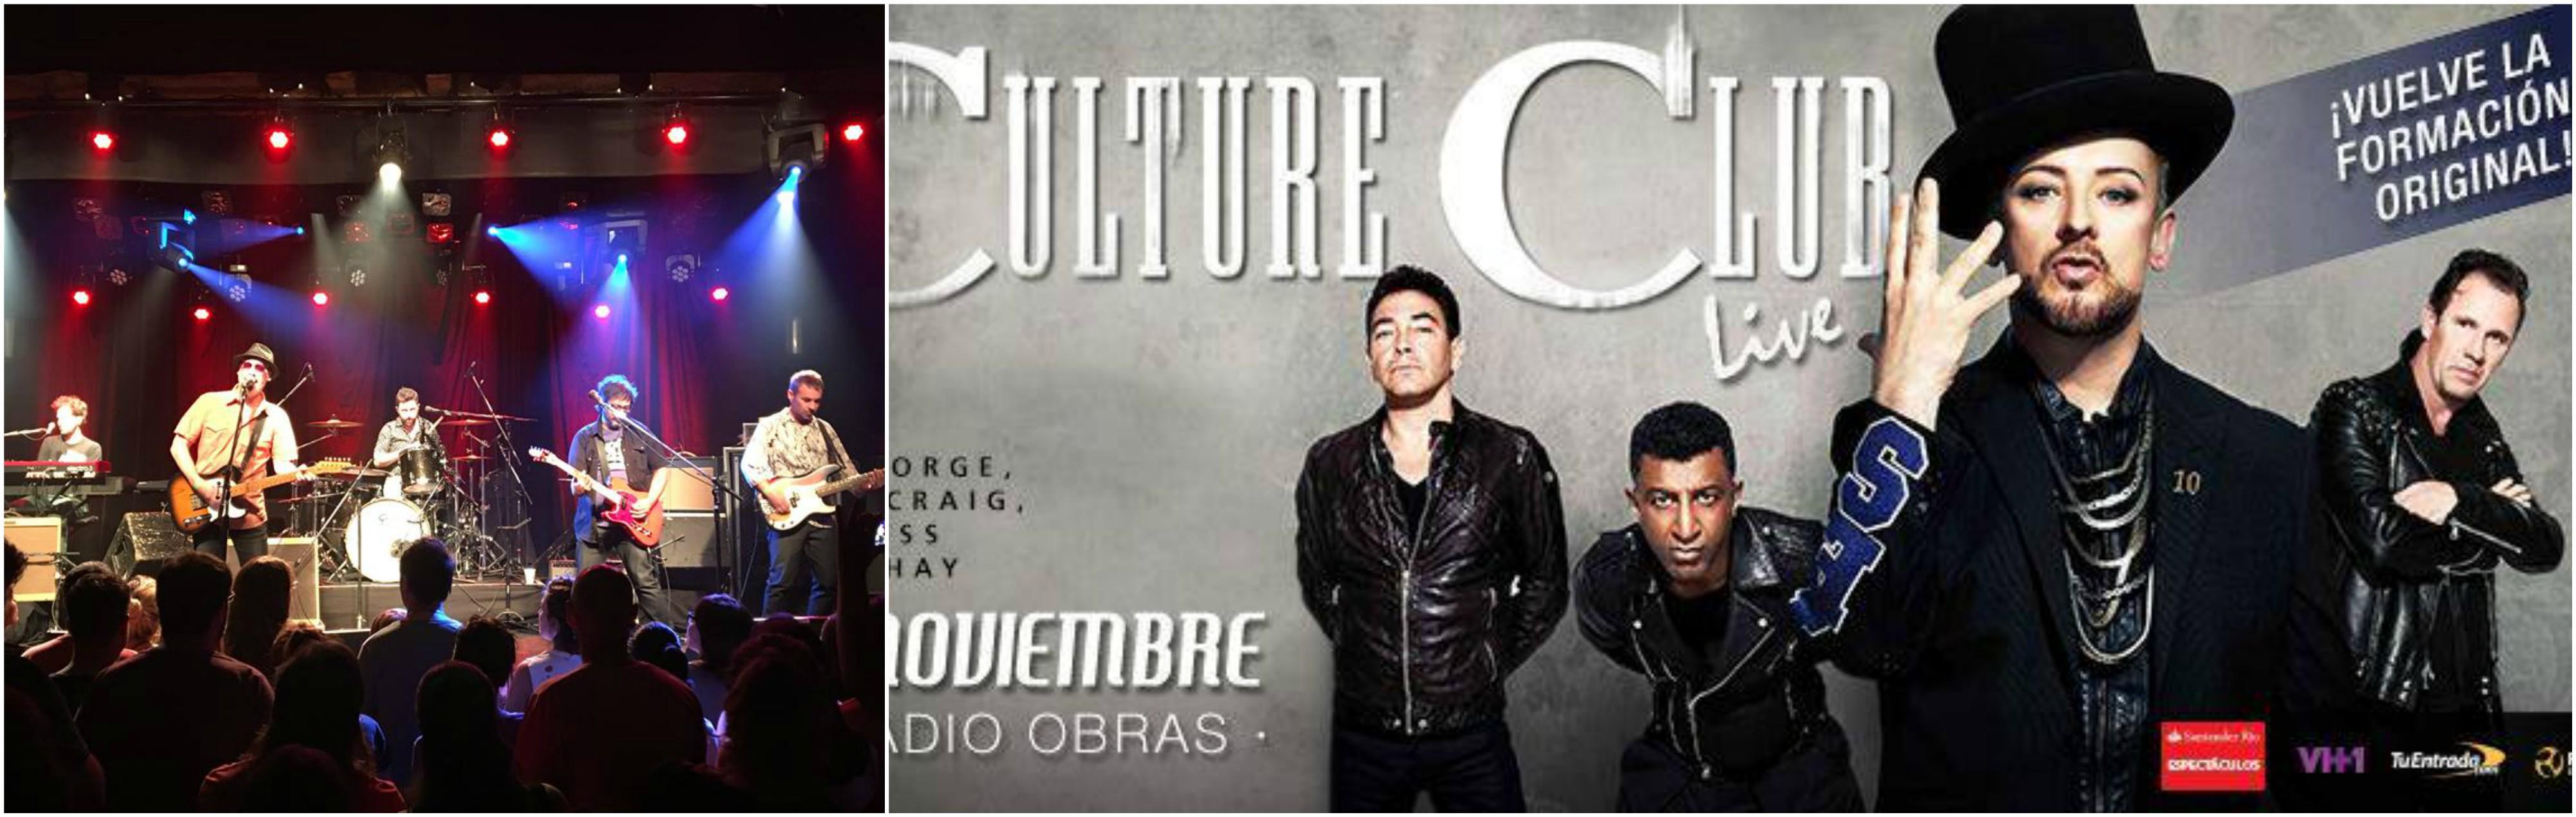 Los Super Ratones abrirán el concierto de Culture Club en Argentina